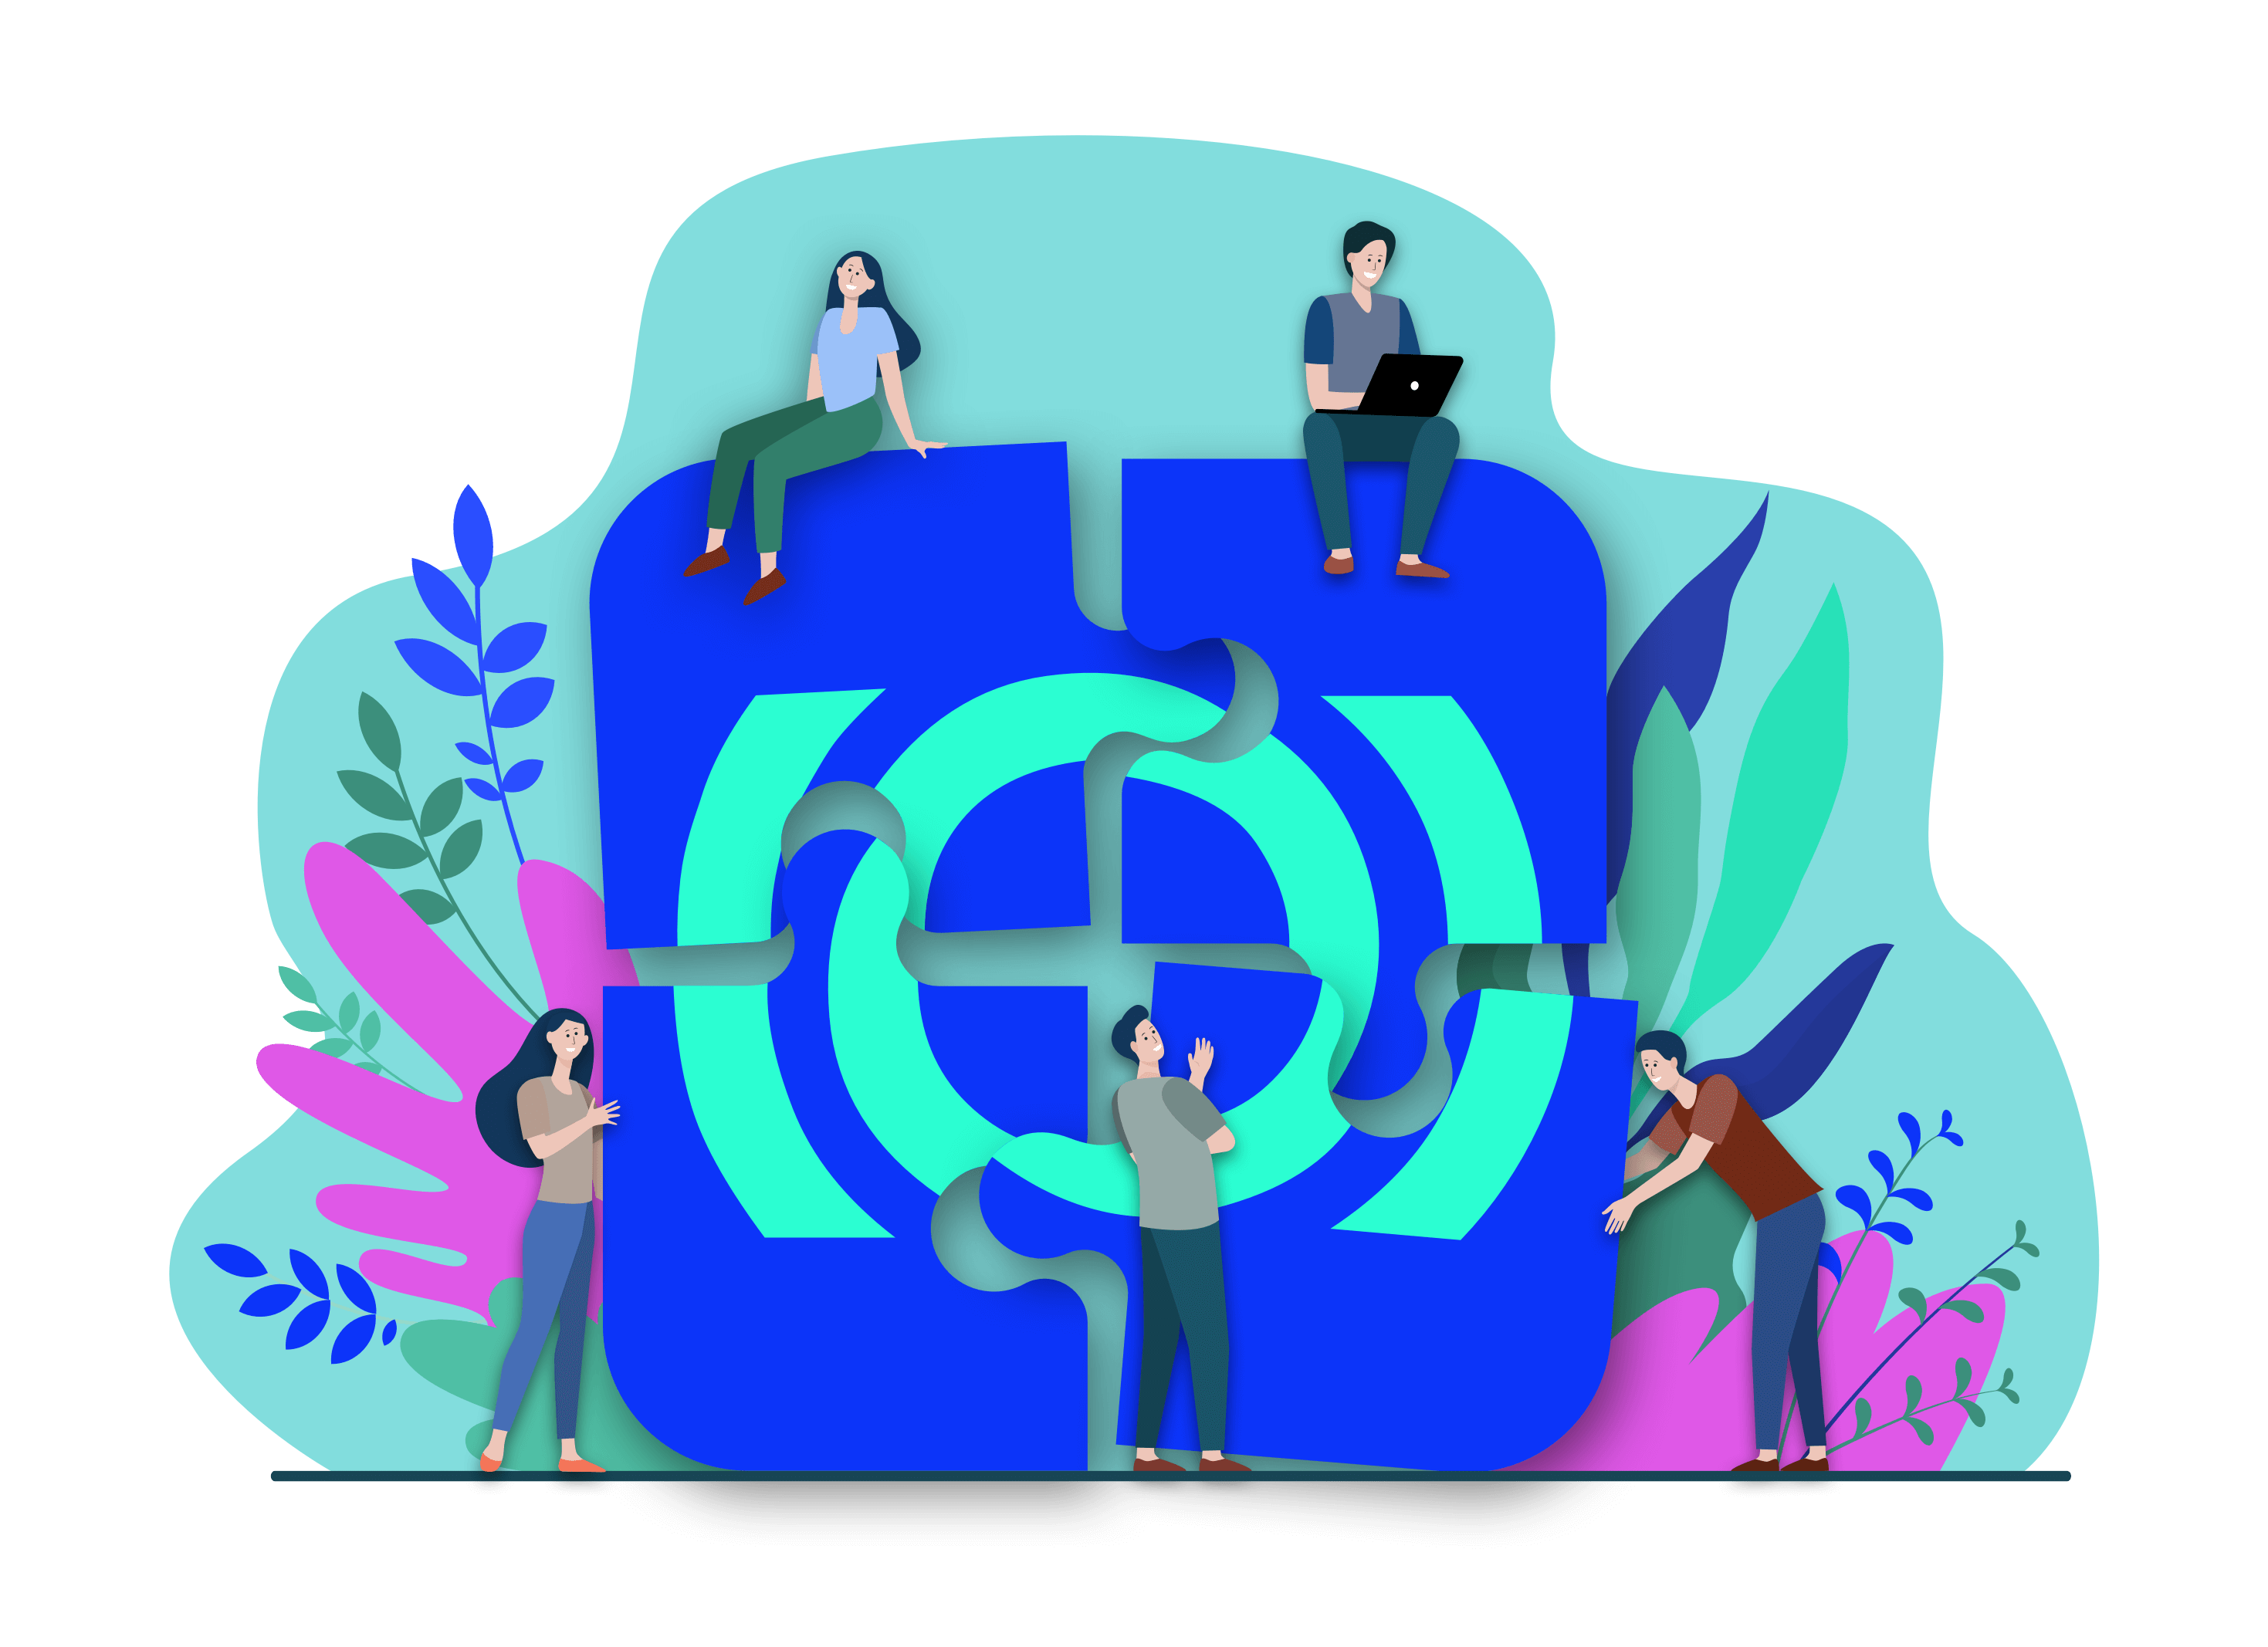 Okos casco: közösség